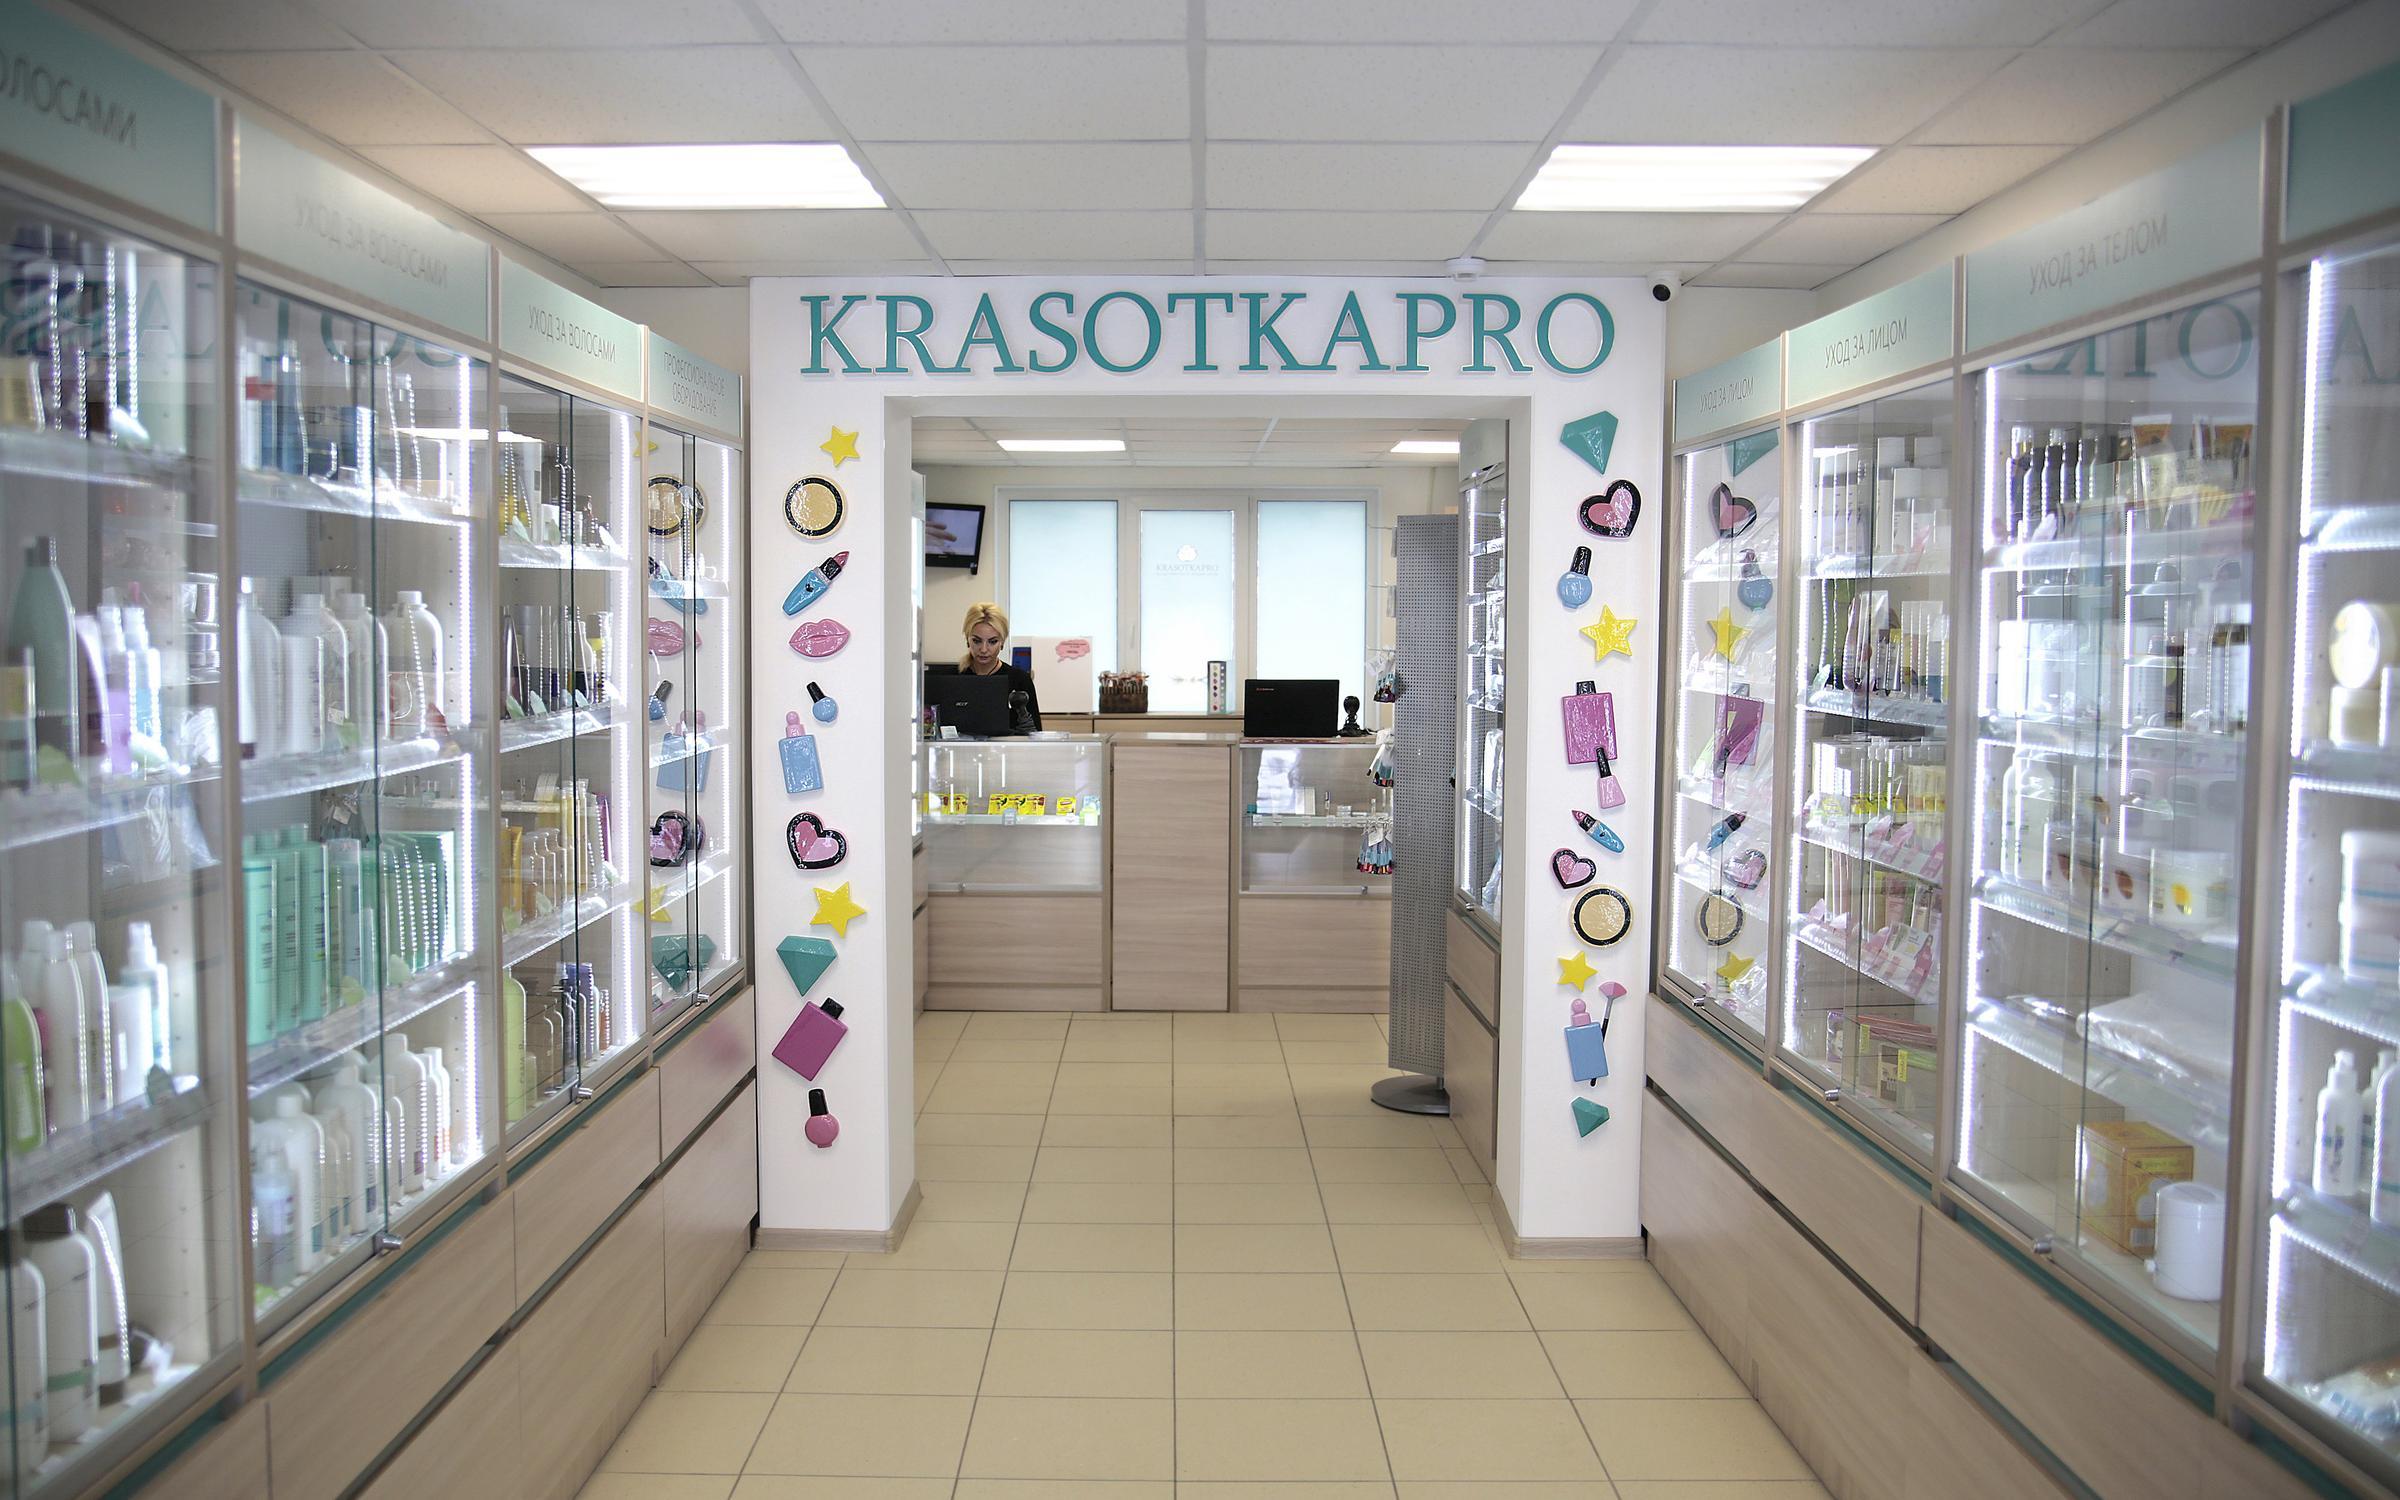 фотография Интернет-магазина косметики Krasotkapro.ru на метро Братиславская